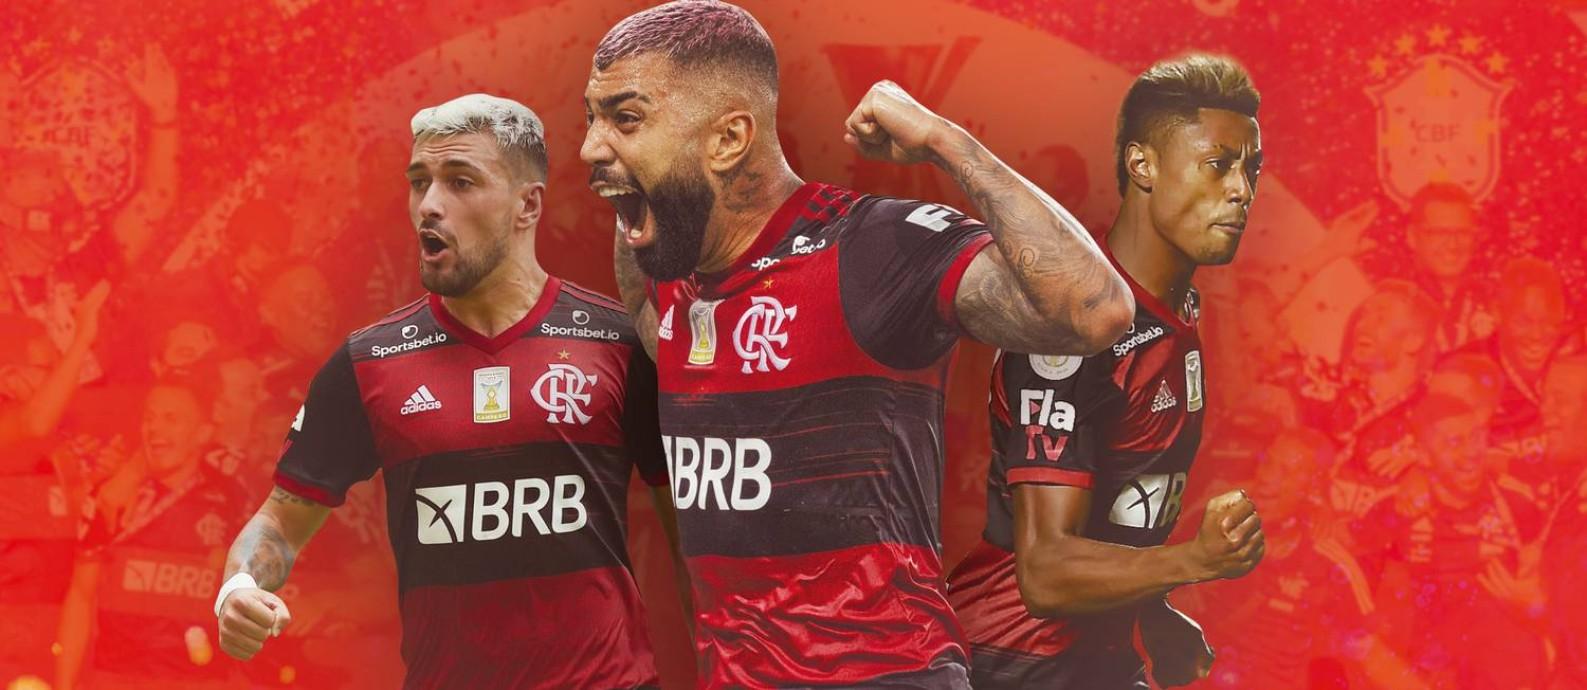 Arrascaeta, Gabigol e Bruno Henrique: craques brilharam em mais um título do Flamengo Foto: Editoria de arte